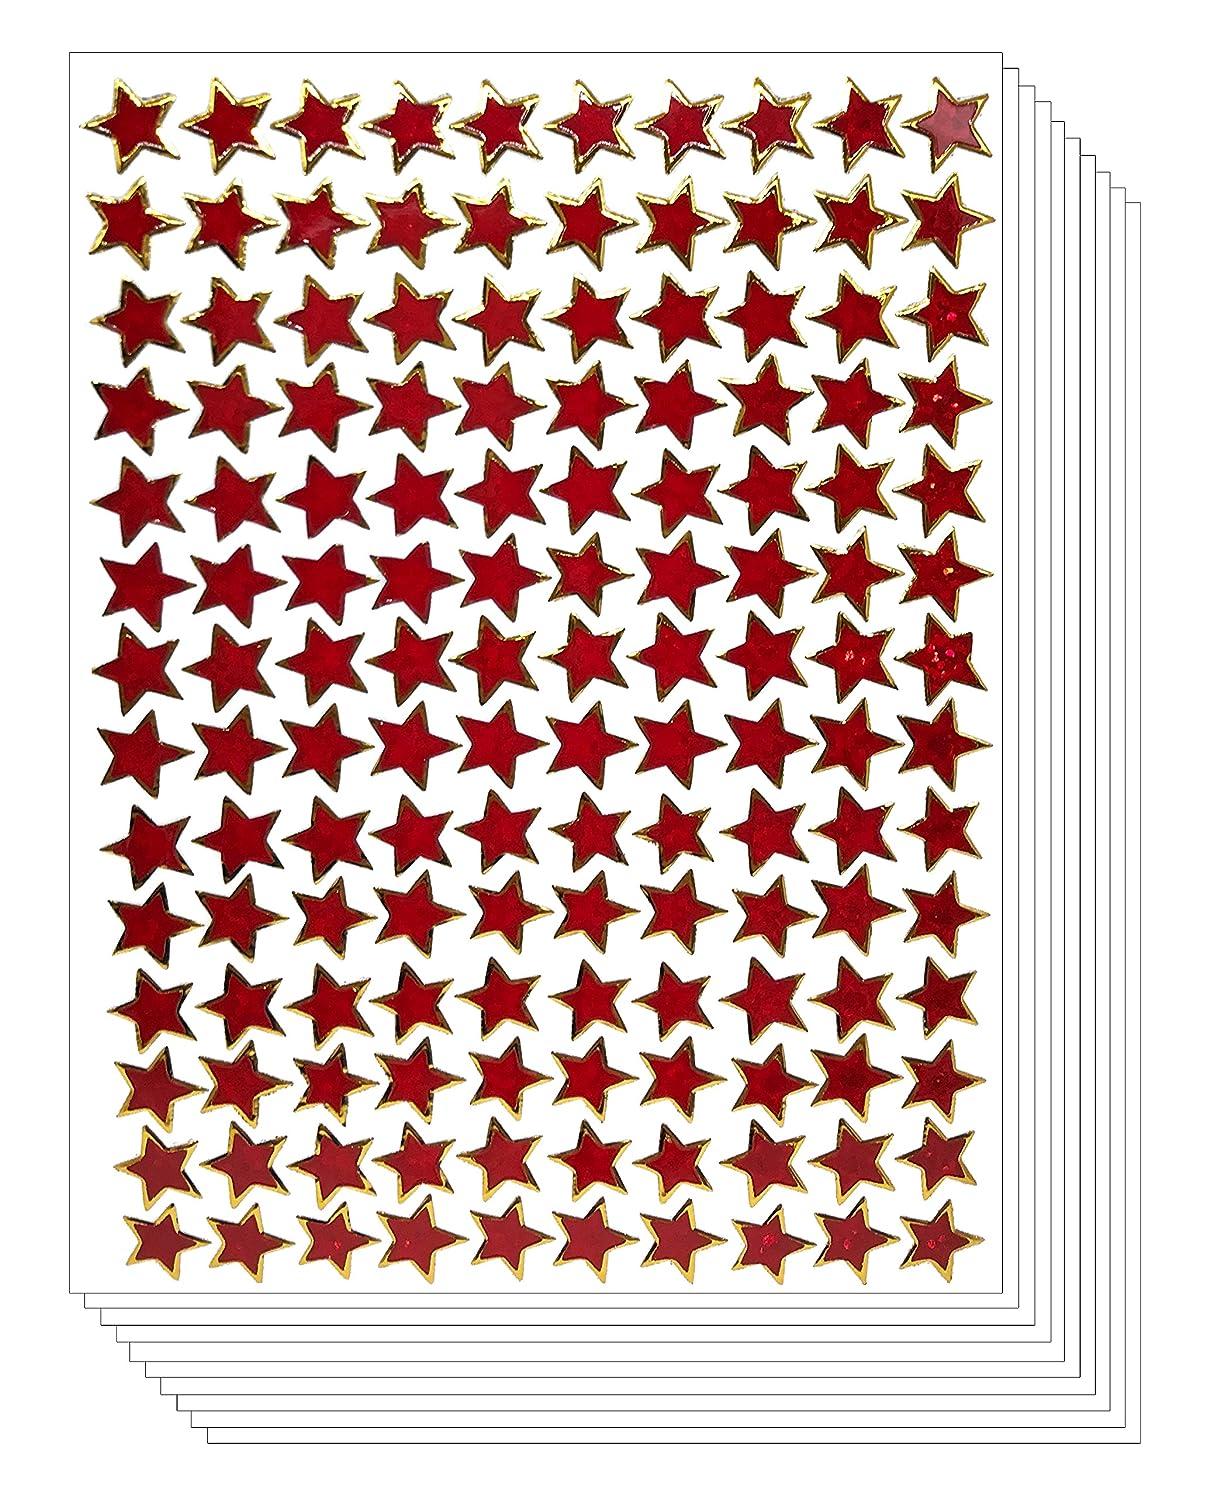 Star School Reward Stickers Kid (10 Sheets, Small, Red)